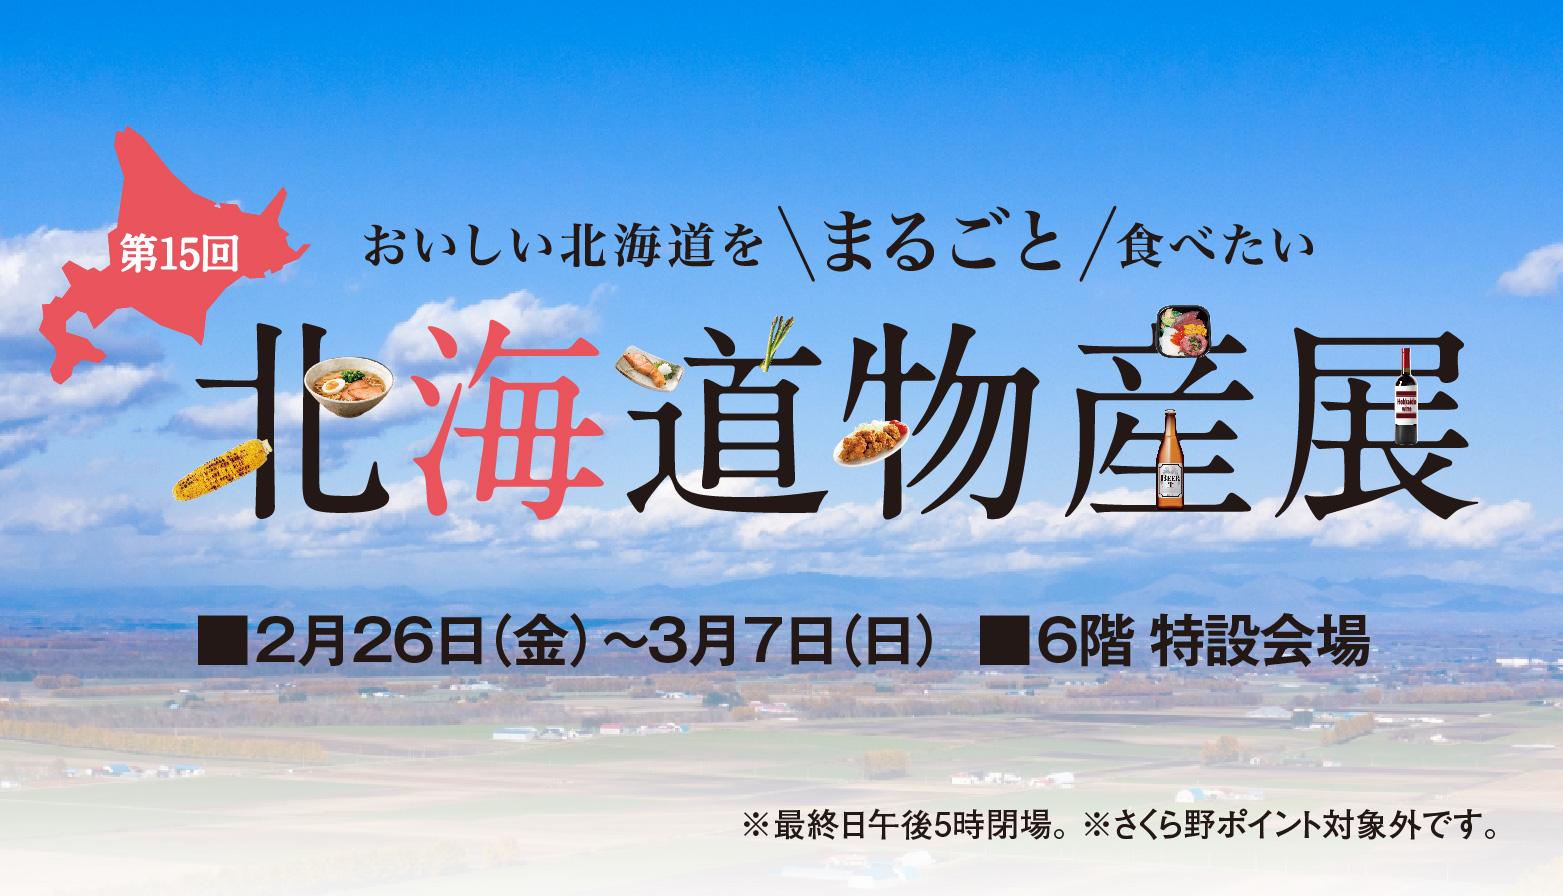 第15回北海道物産展